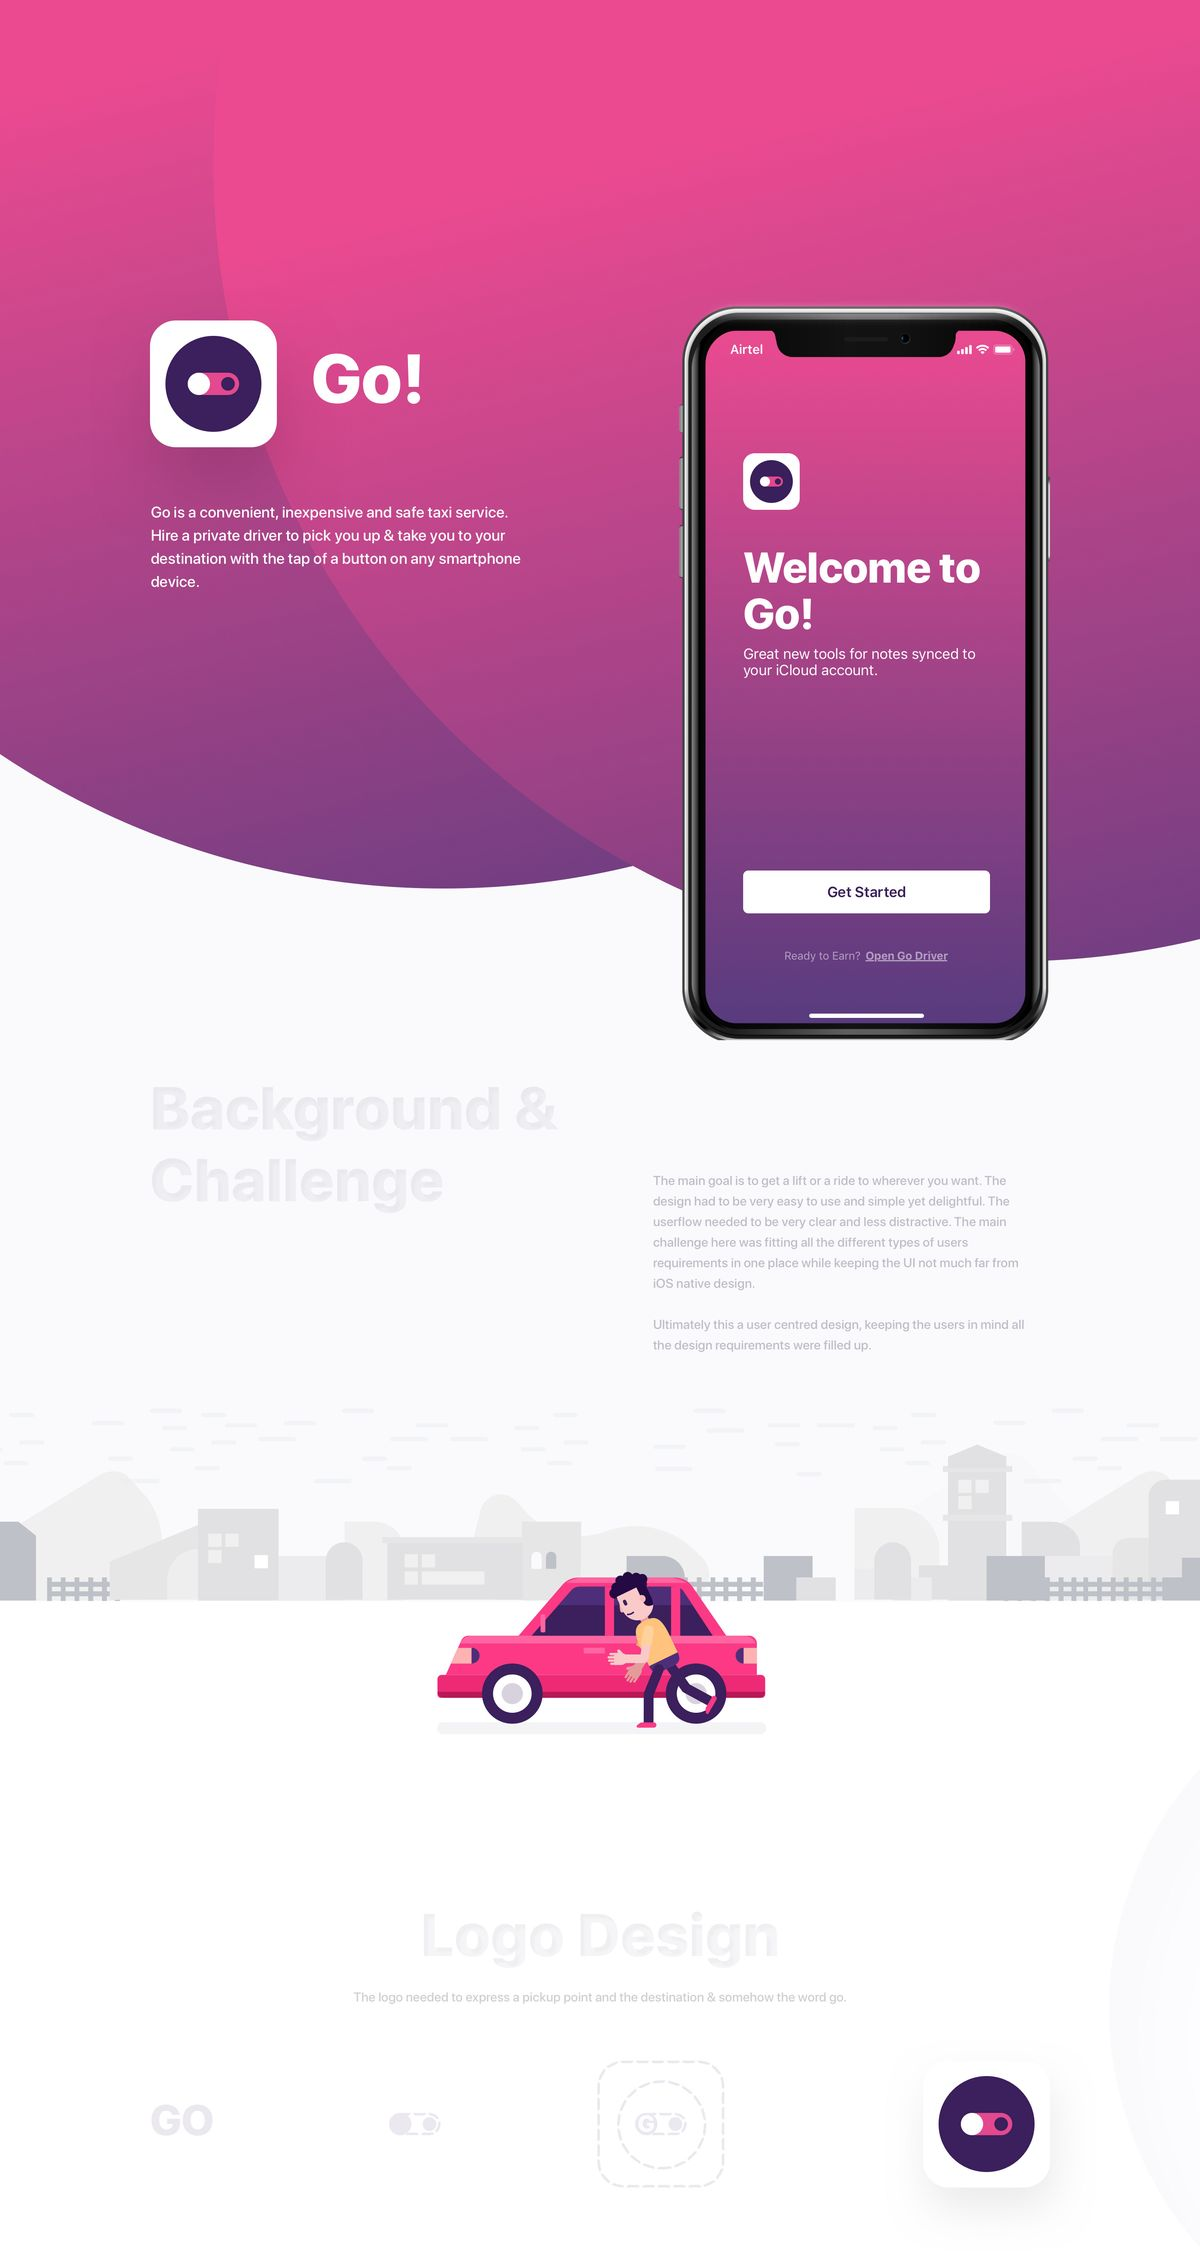 Go! Ride App UI - Full Case Study on Behance